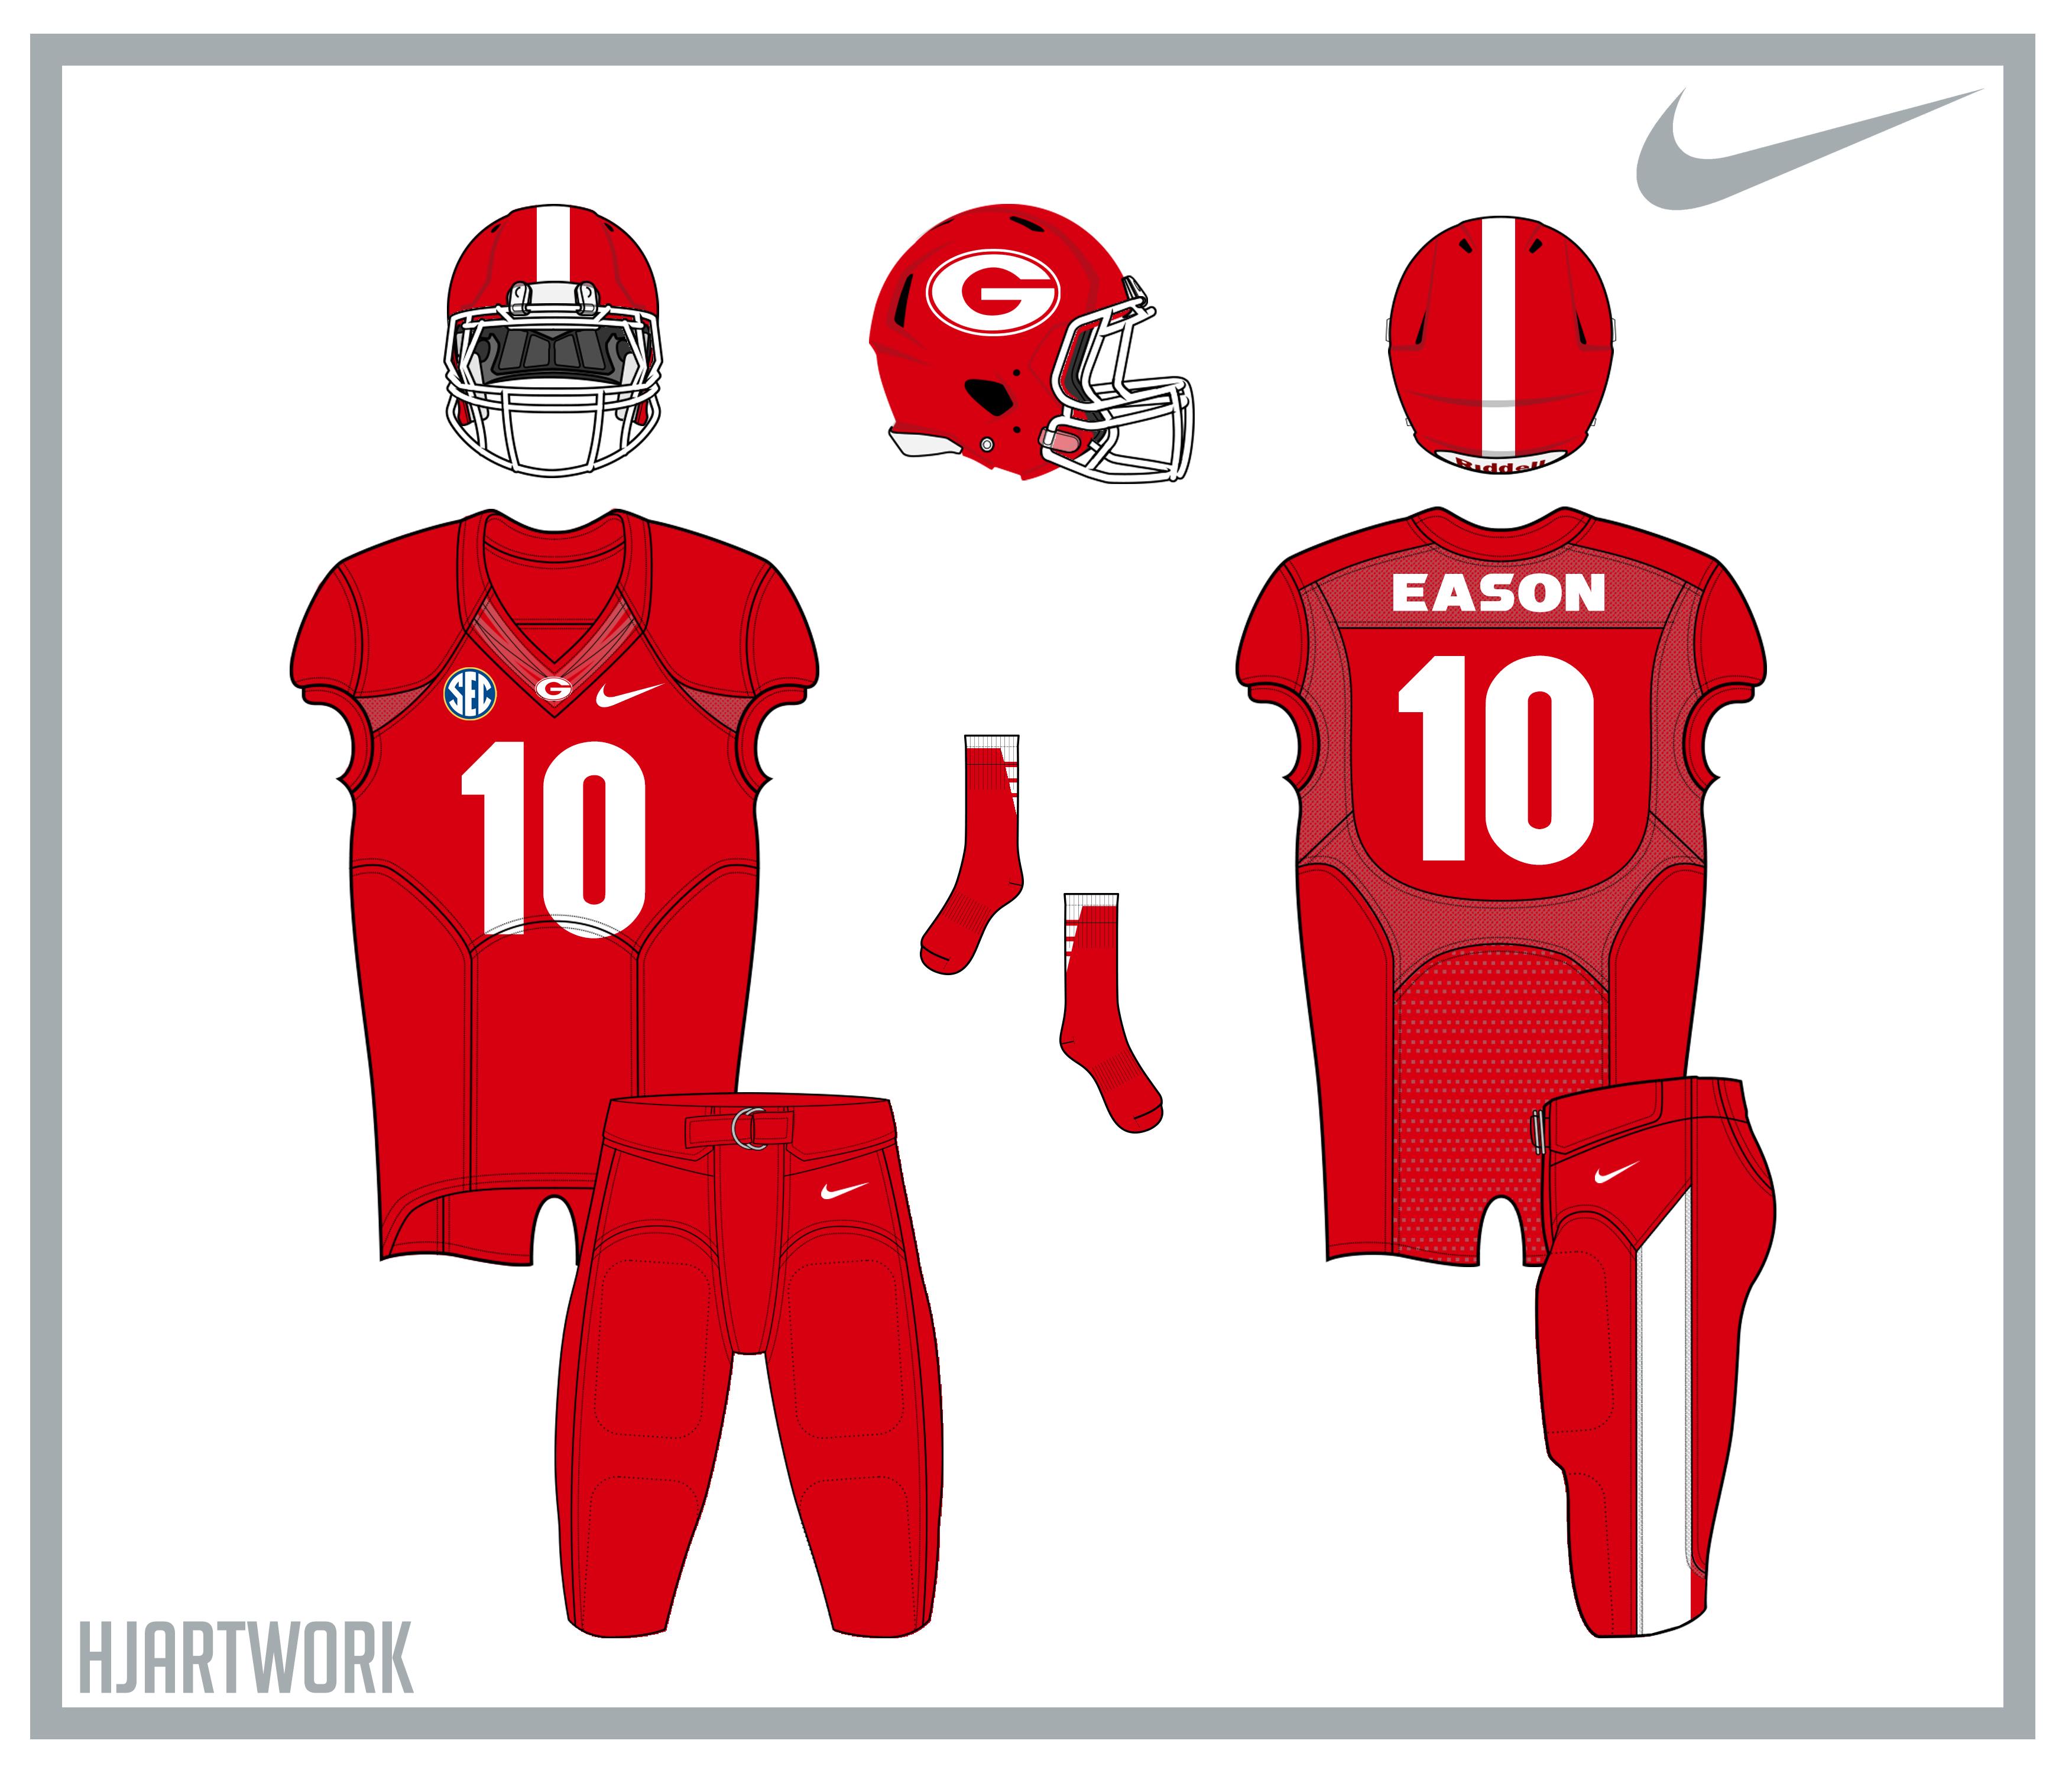 NCAA Color Rush - Concepts - Chris Creamer s Sports Logos Community ... cdbe7e087